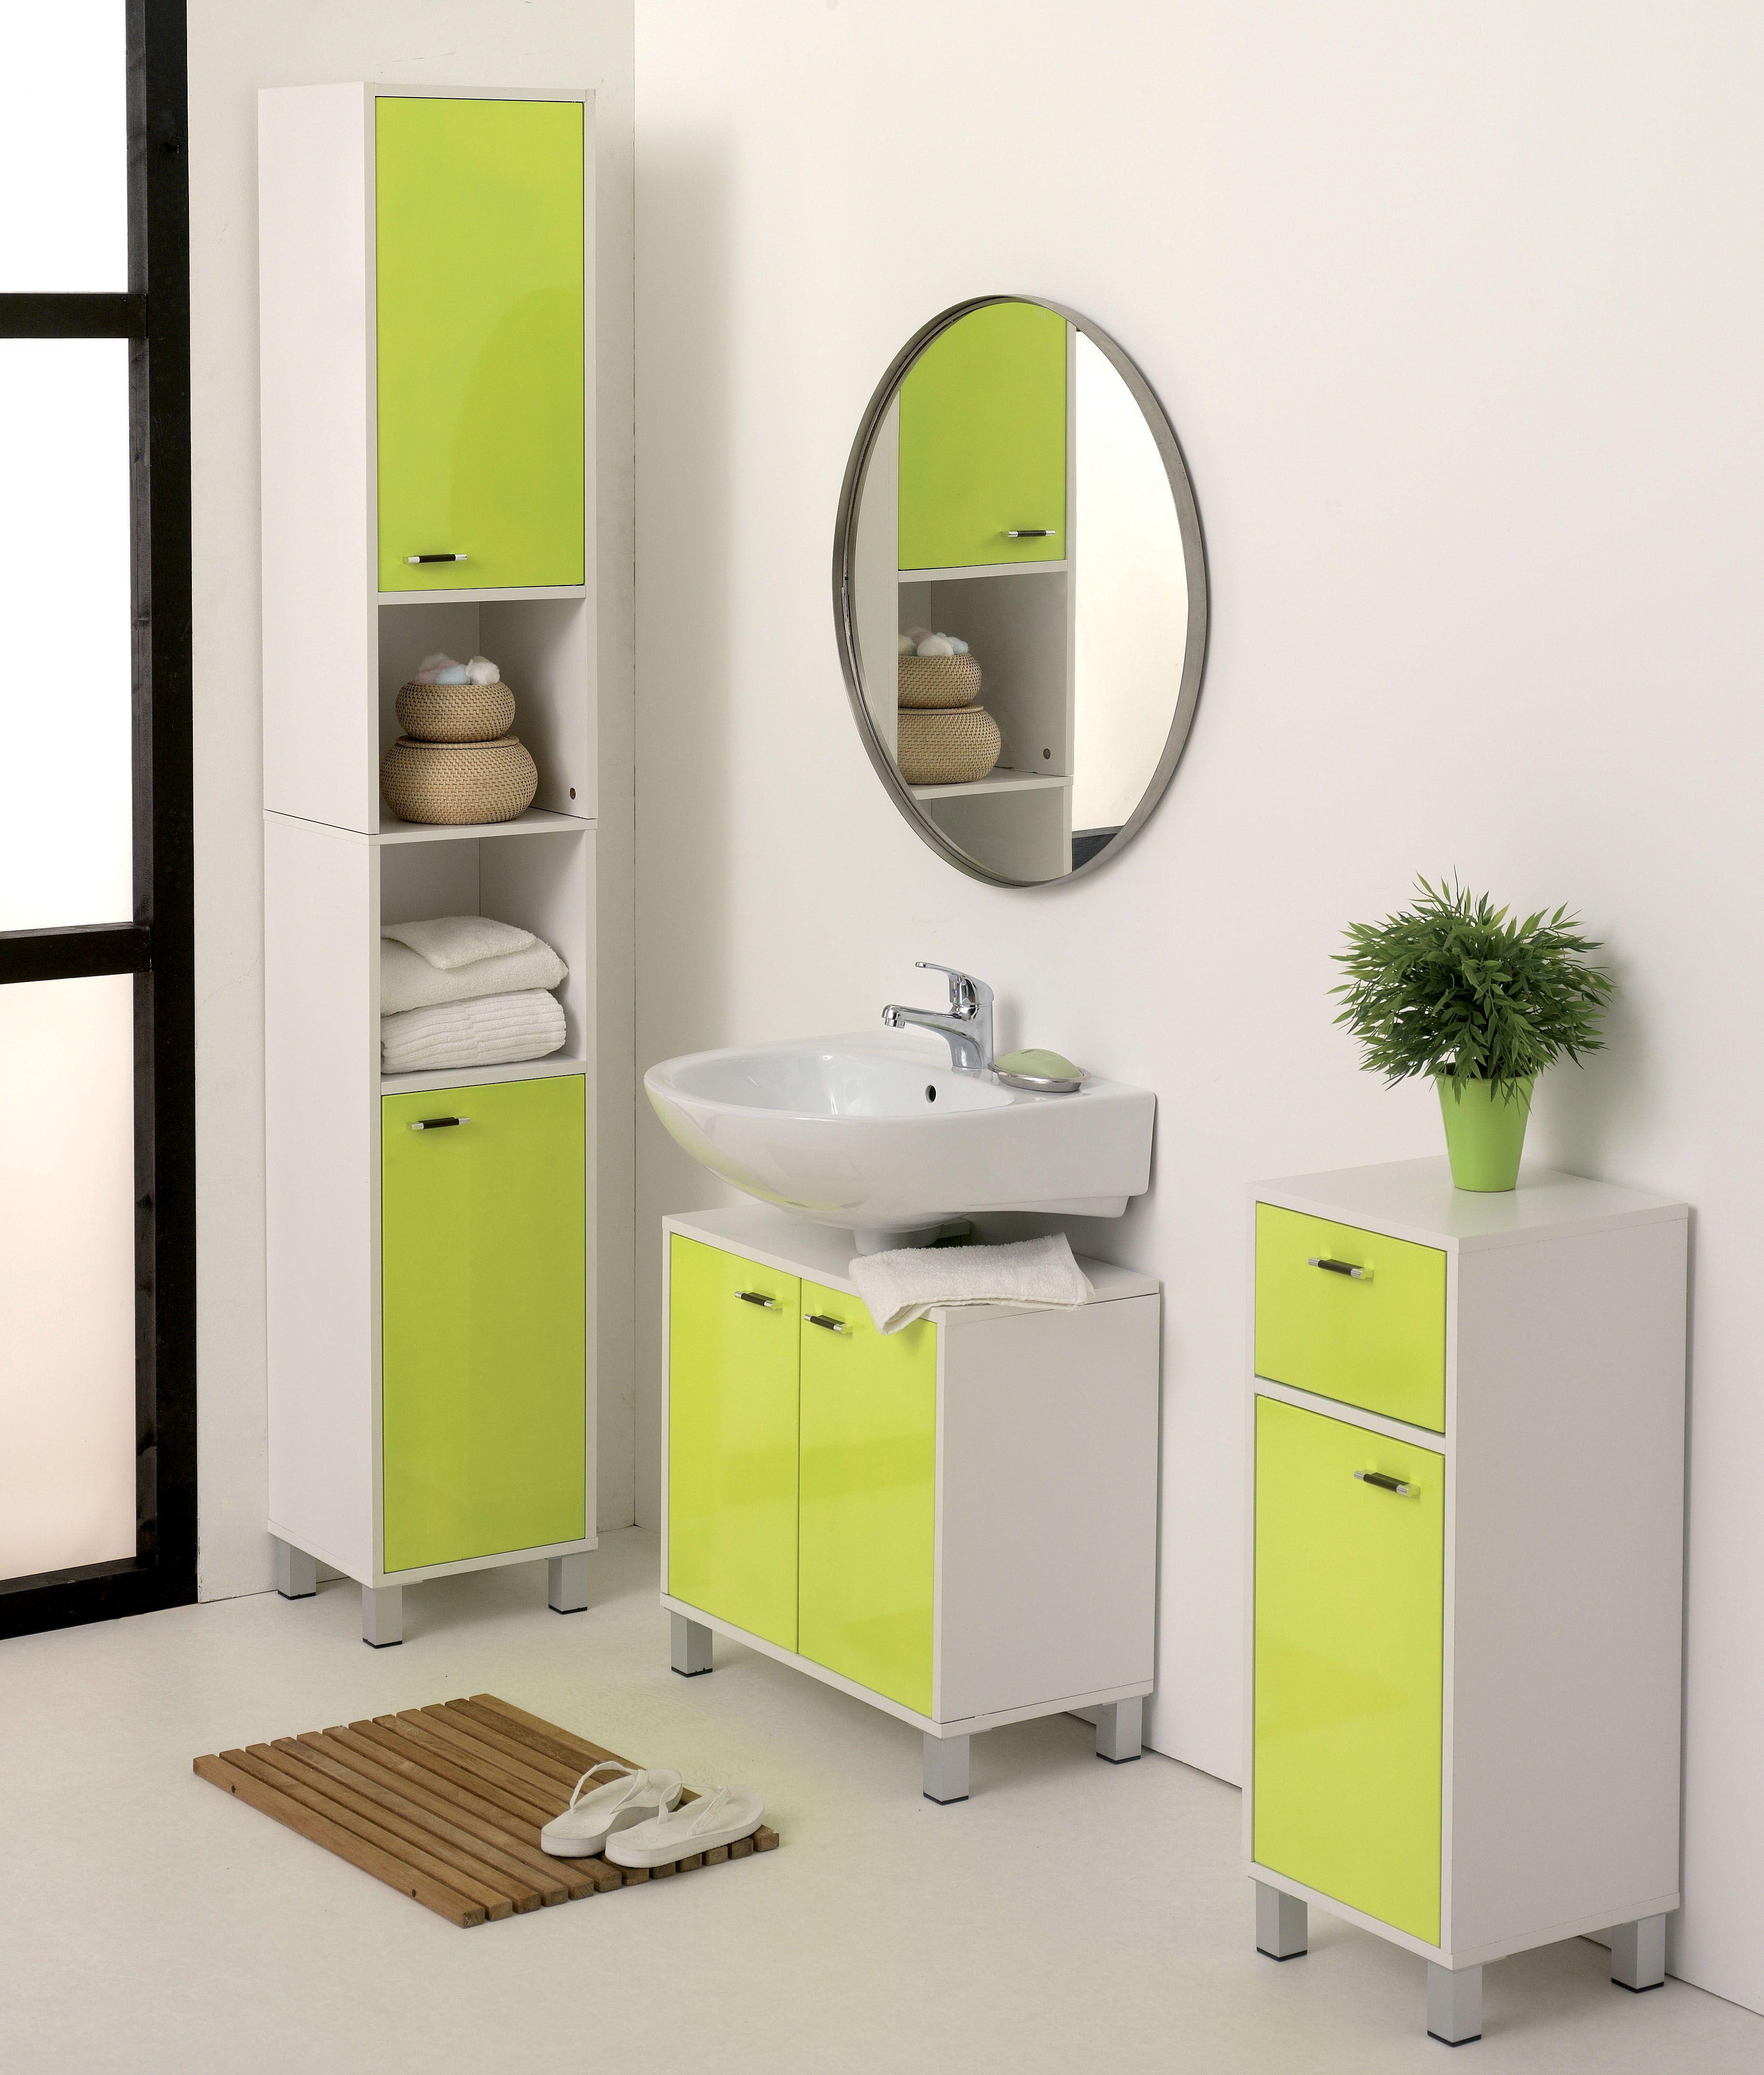 salle de bain verte et blanche zen et pratique centrakor ma salle de bain pinterest salles. Black Bedroom Furniture Sets. Home Design Ideas